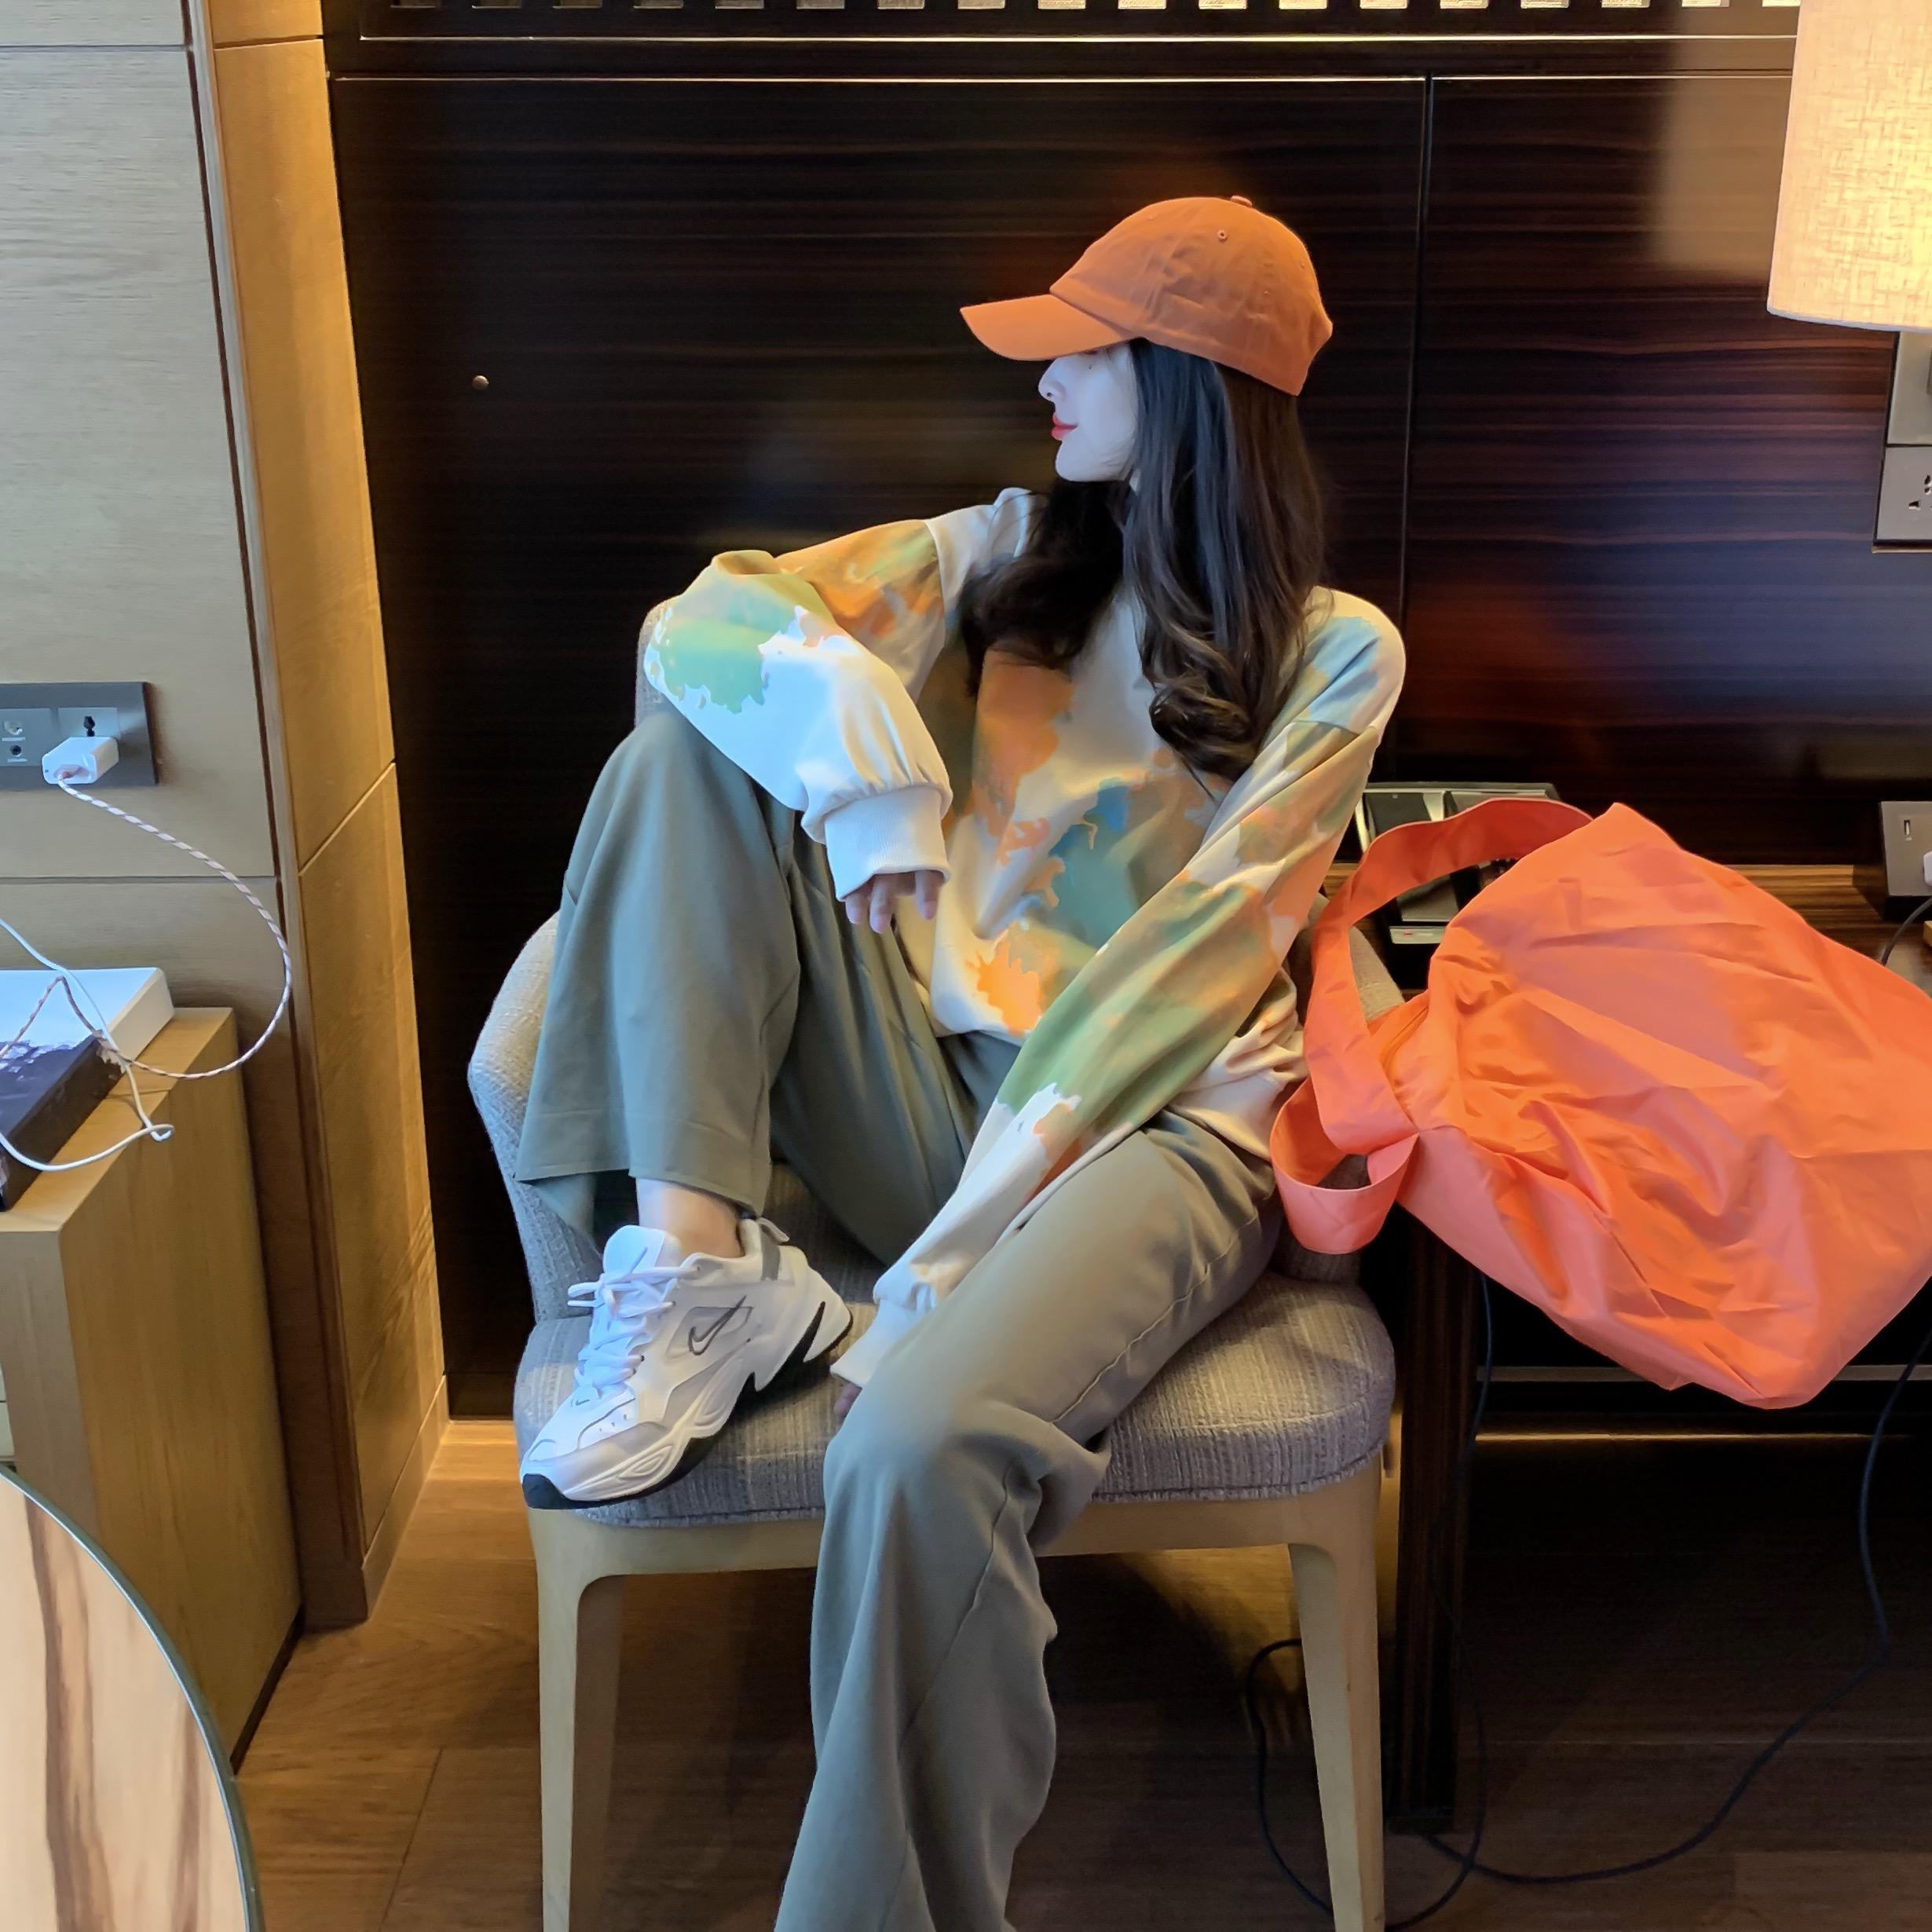 實拍實價#2019年潮扎染彩色衛衣女初秋時尚韓版寬松休閑運動套裝